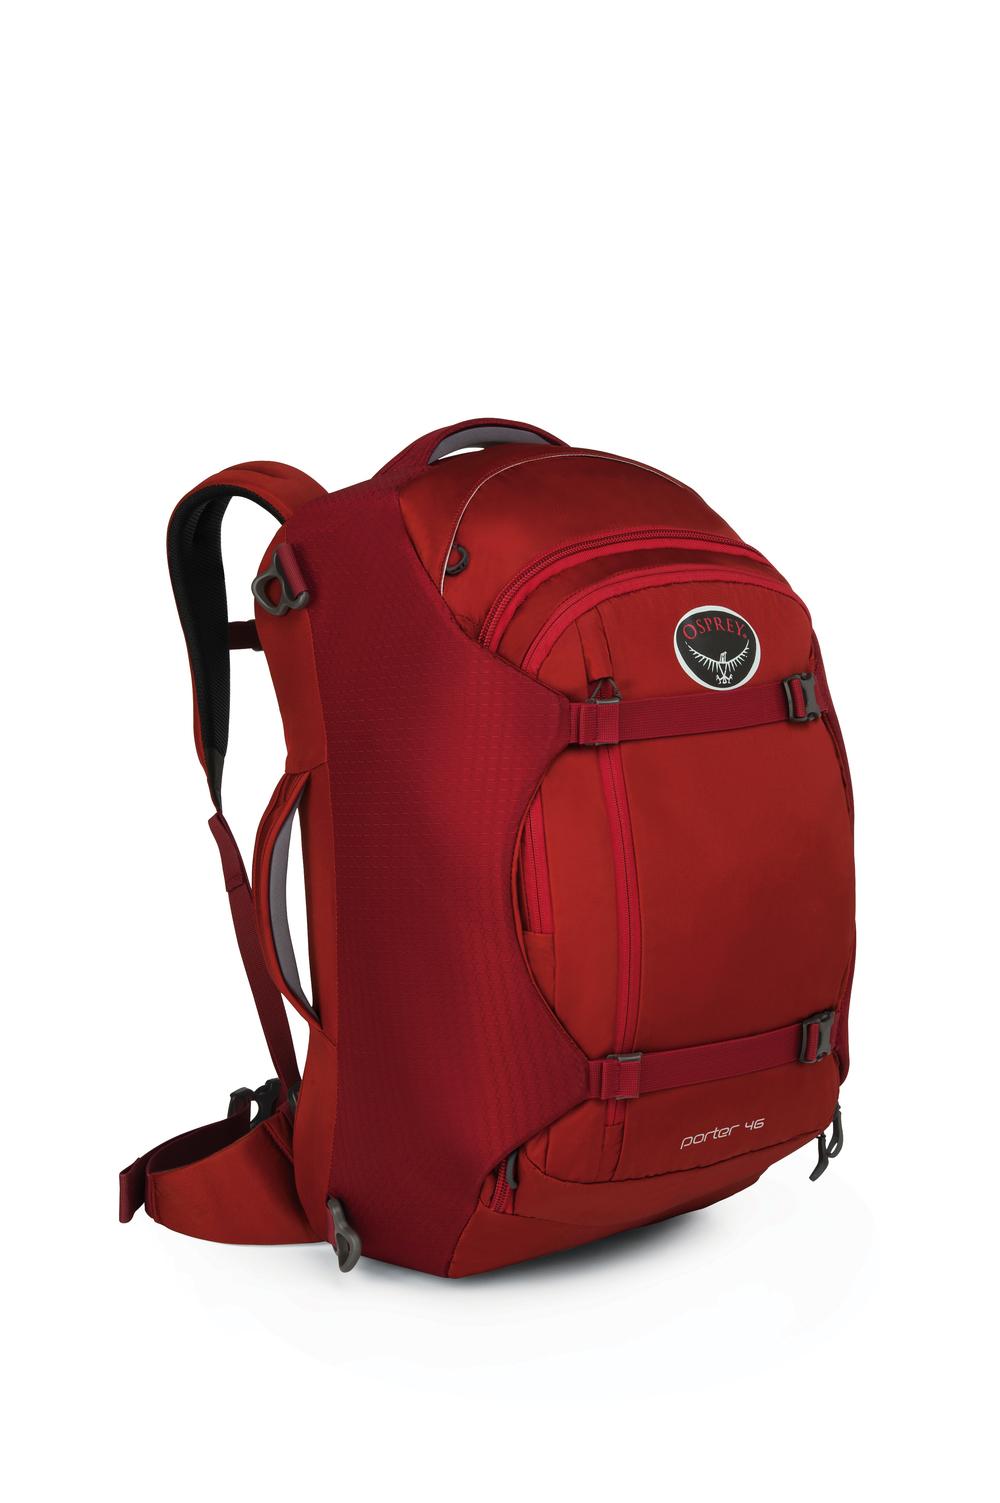 Porter 46 red.jpg